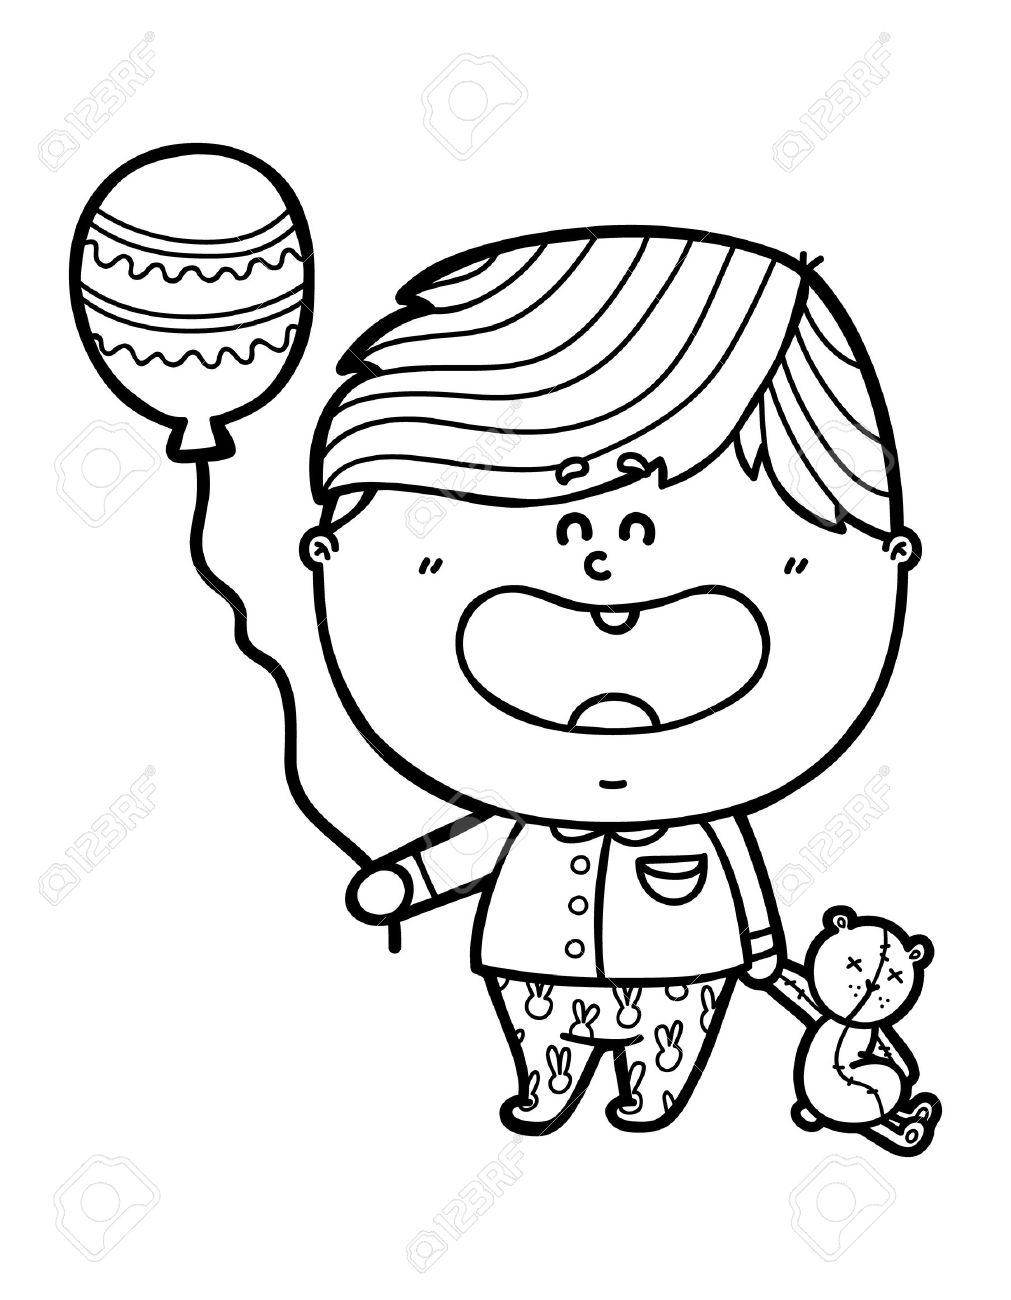 Chico Divertido Vector Ilustración De La Página Para Colorear De Dibujos Animados Feliz Amigable Bebé Que Sostiene Un Globo Y El Oso Para Los Niños Y